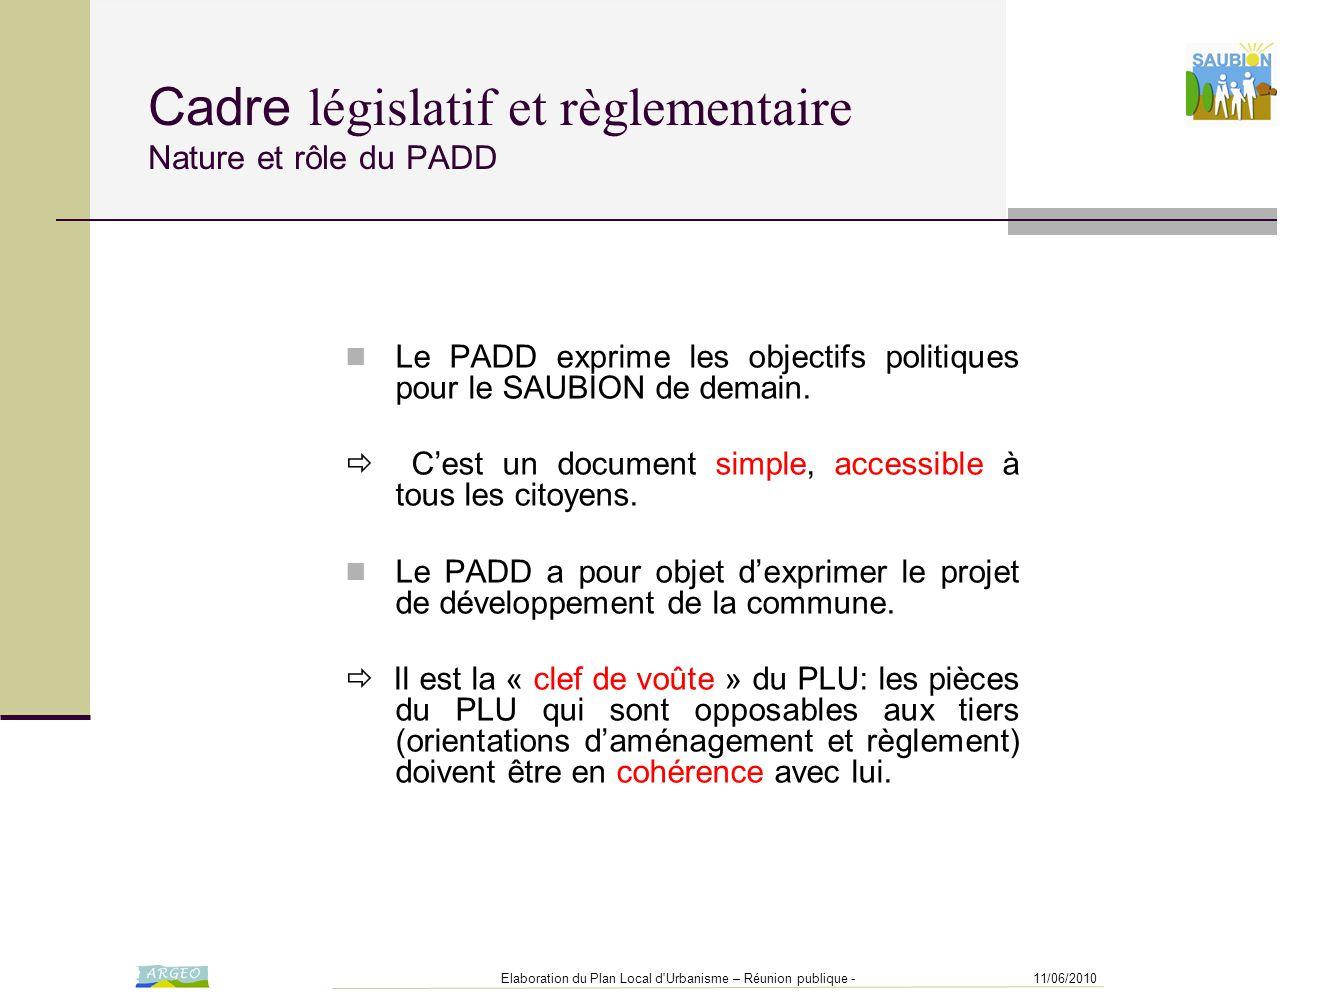 Cadre législatif et règlementaire Nature et rôle du PADD